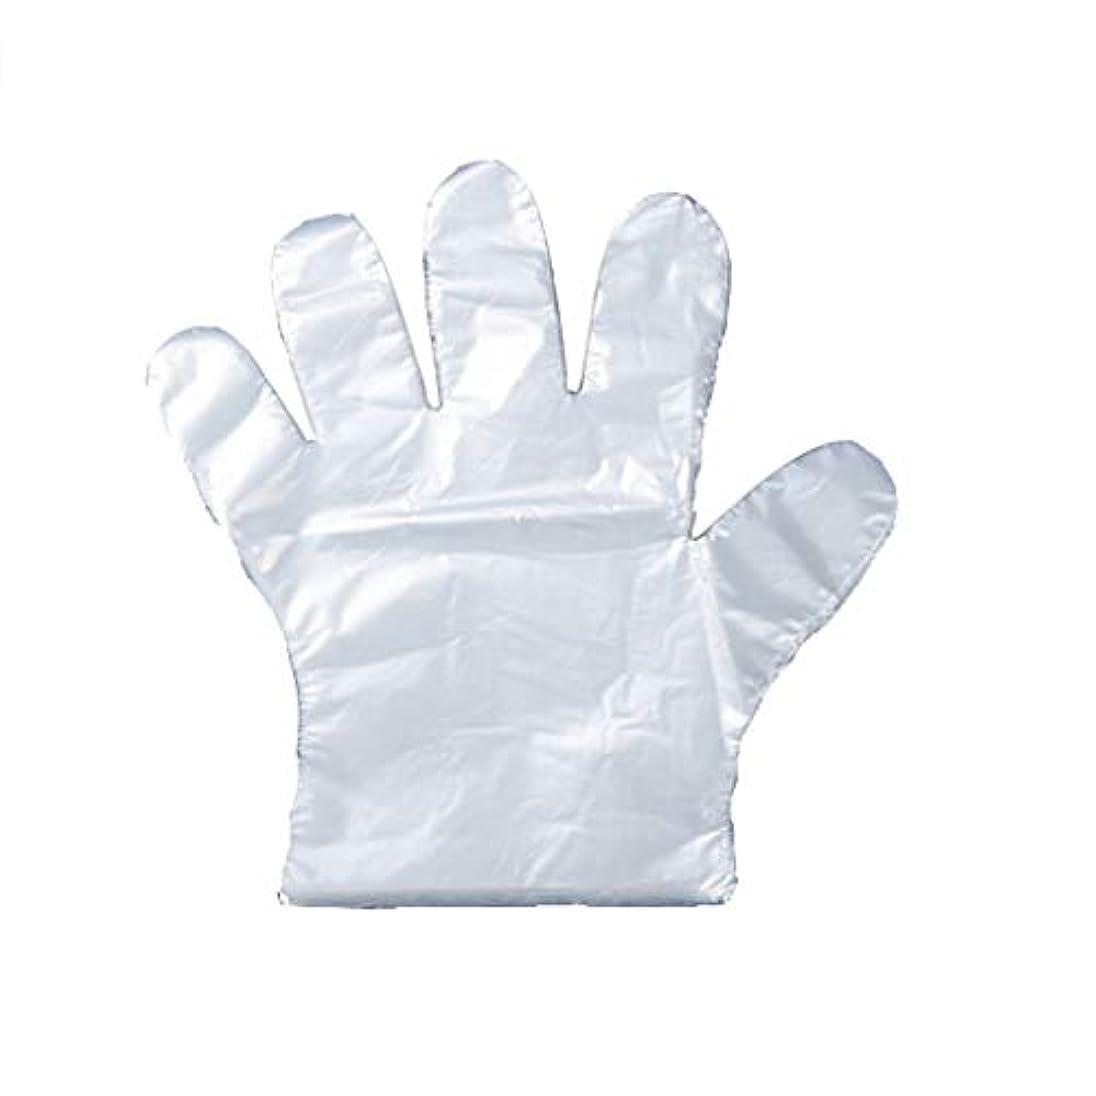 協定スプーン提供された手袋の使い捨て手袋のフィルム家庭用キッチンの食品は、透明PEプラスチック手袋100パッケージを厚くした (UnitCount : 200)